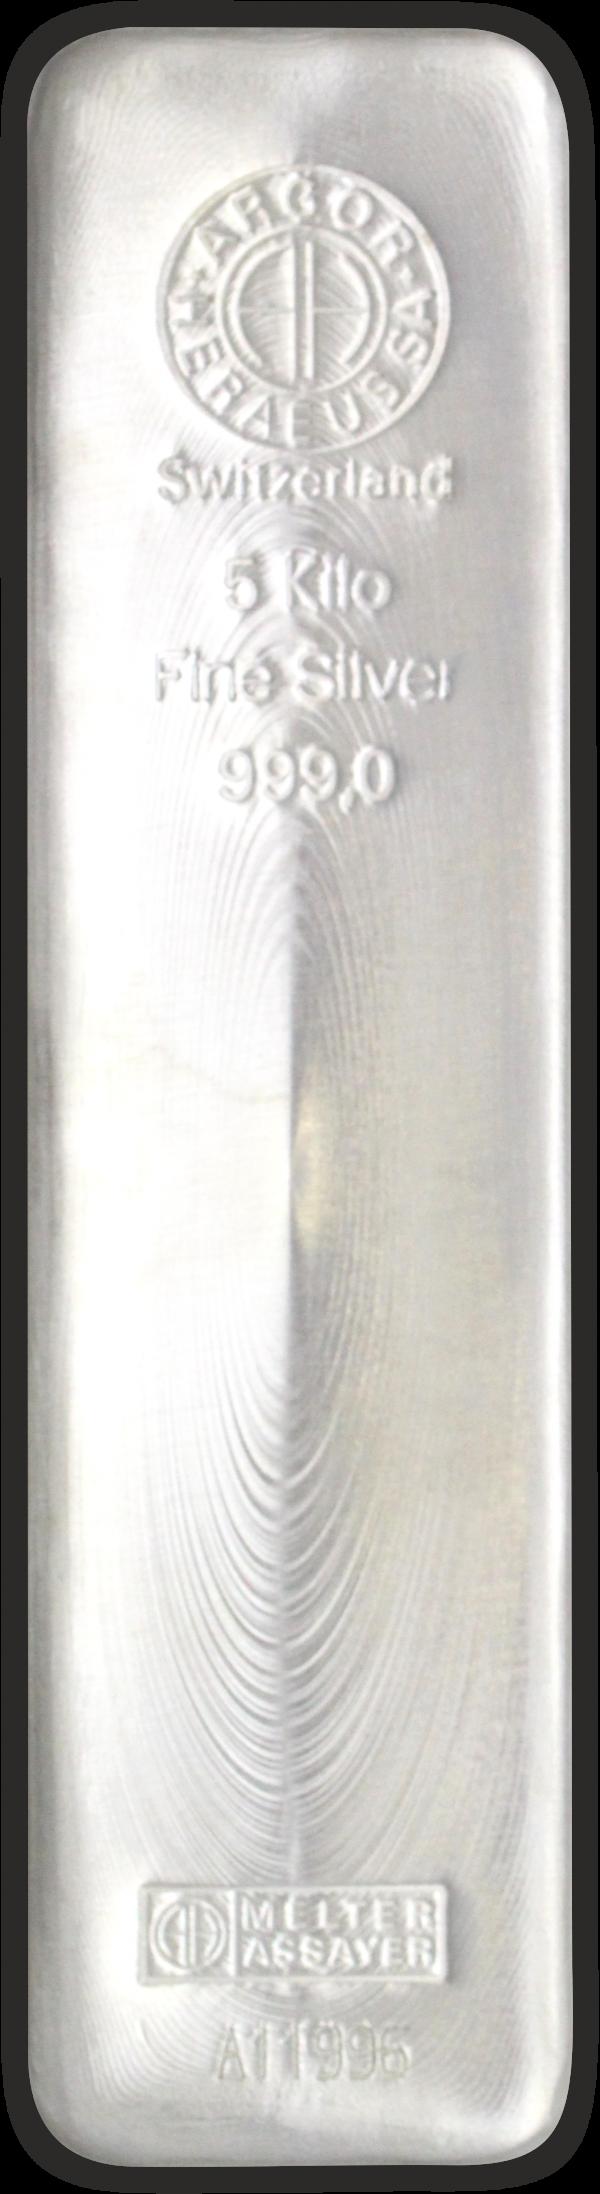 Vitus Guld webshop fysisk investering i sølv Nyproduceret sølvbar med certifikat ægtheds garanti ægte sølv finsølv Argor Heraeus Anerkendt leverandør Schweizisk leverandør af ædelmetaller sikker professionel handel 5 Kg. 5000 gr.